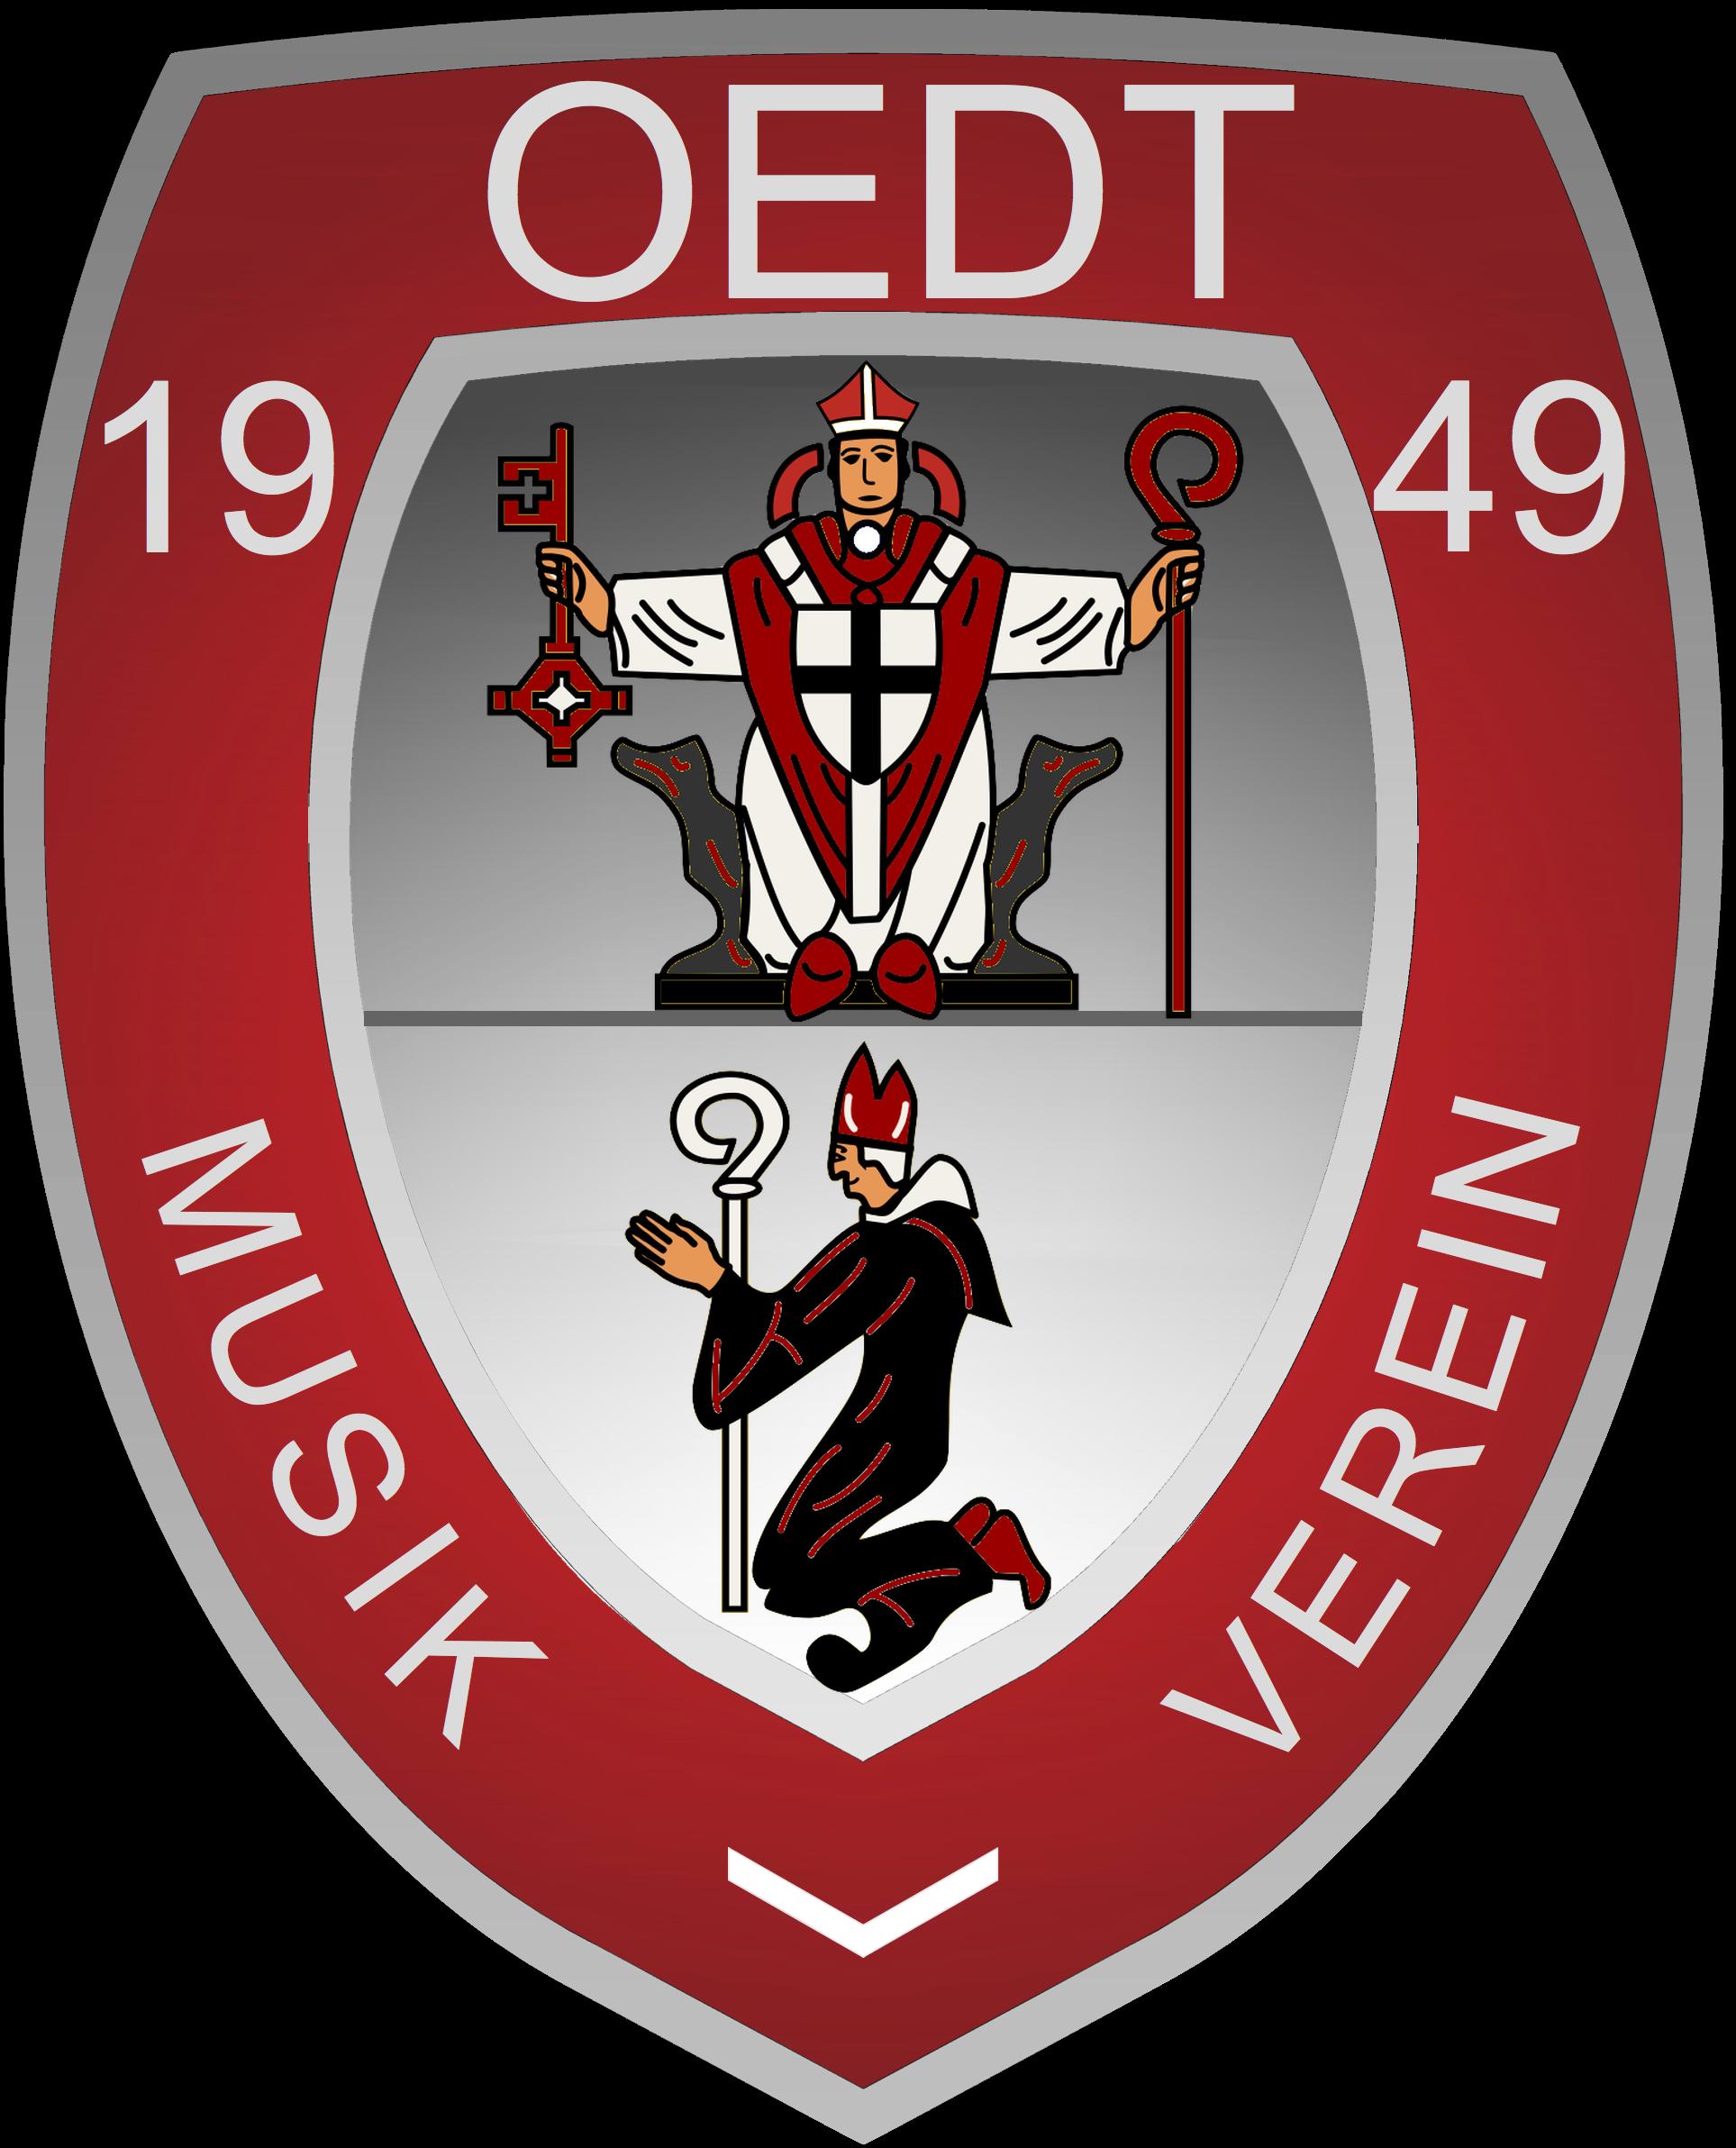 Musikverein 1949 Oedt e.V.